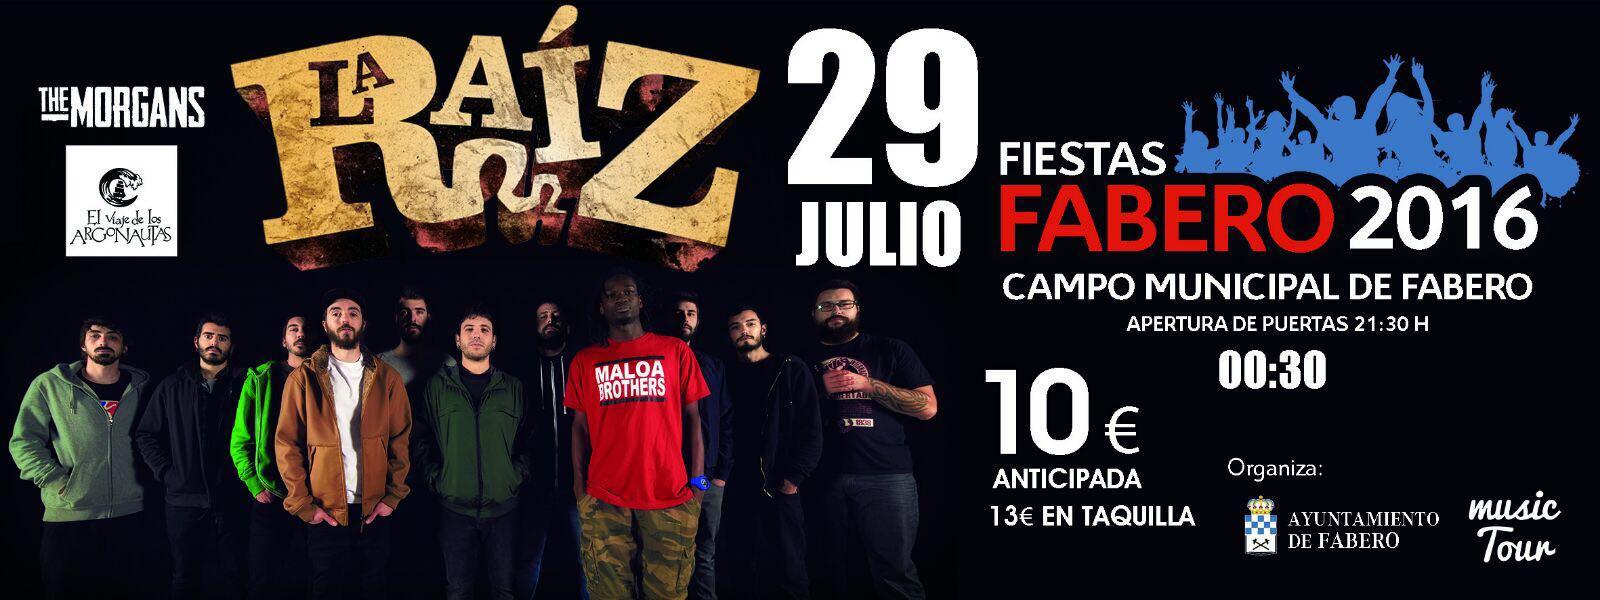 La banda de Rock 'La Raíz' tocará en Fabero el 29 de julio 1